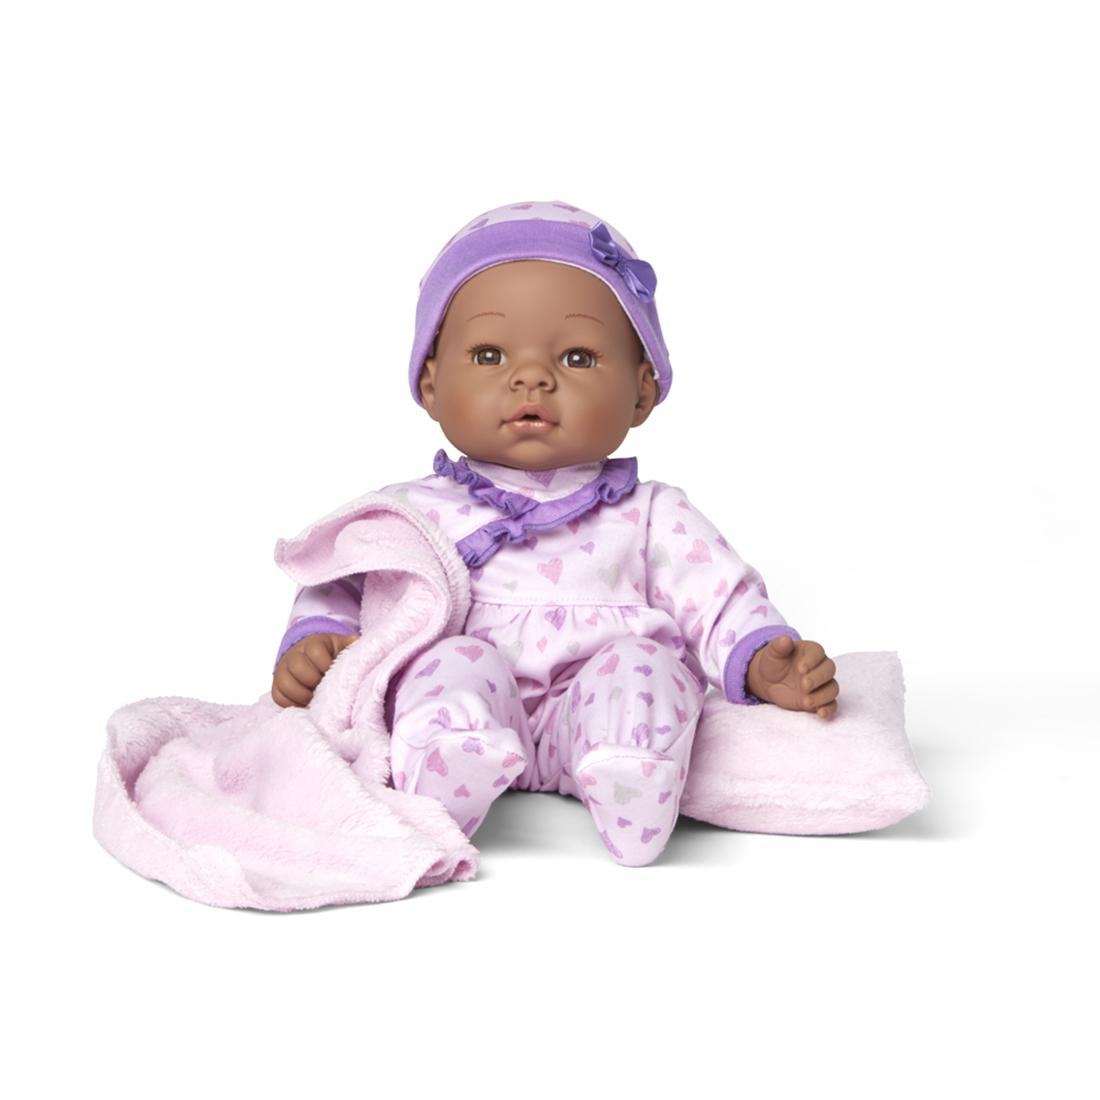 Lavender Sleeper Set dark skin